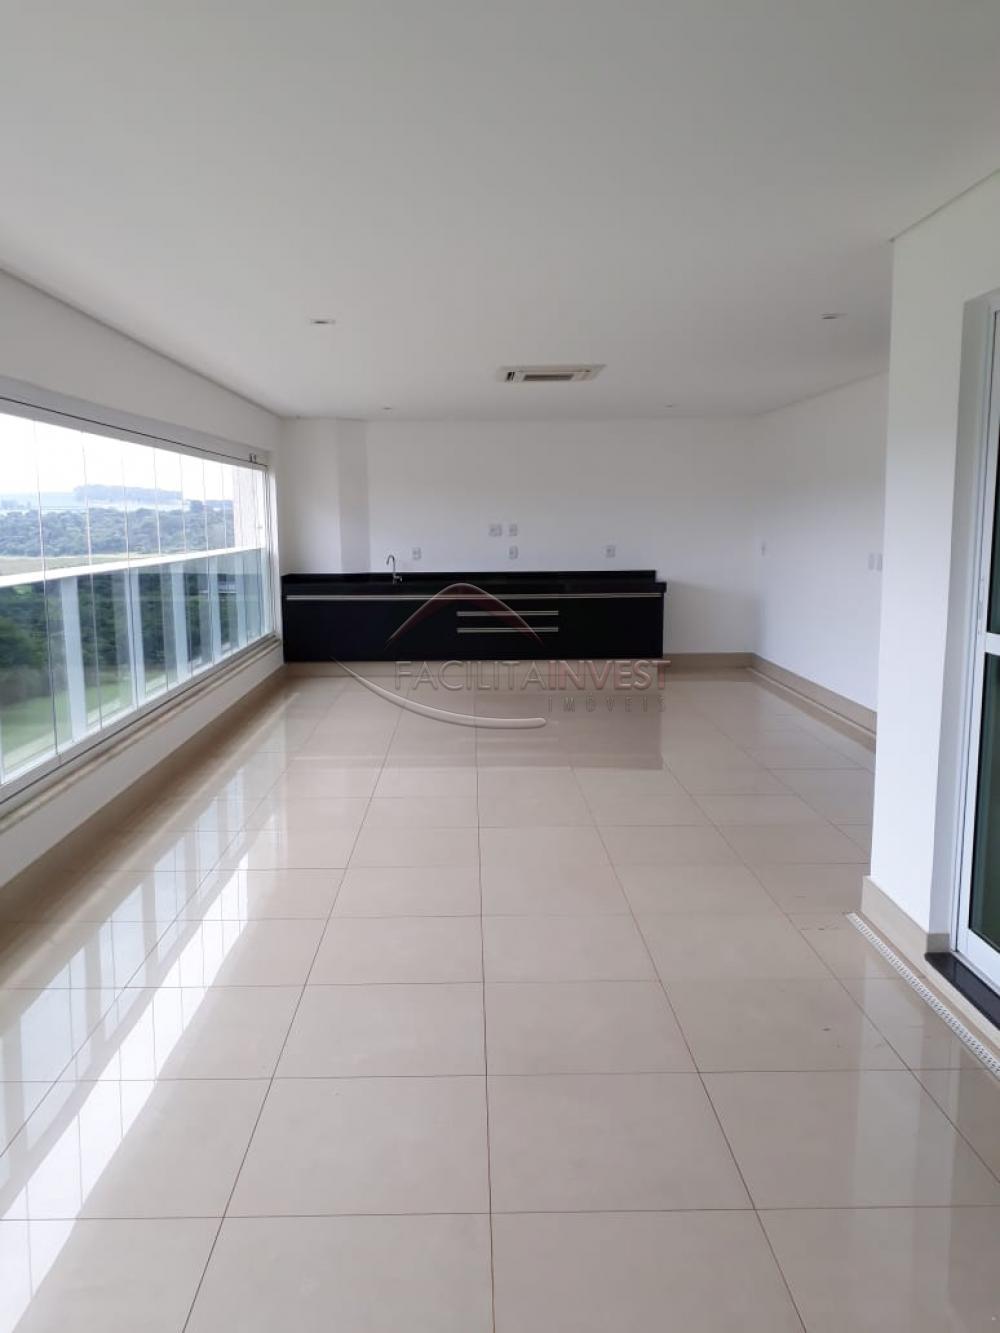 Alugar Apartamentos / Apart. Padrão em Ribeirão Preto apenas R$ 9.000,00 - Foto 4